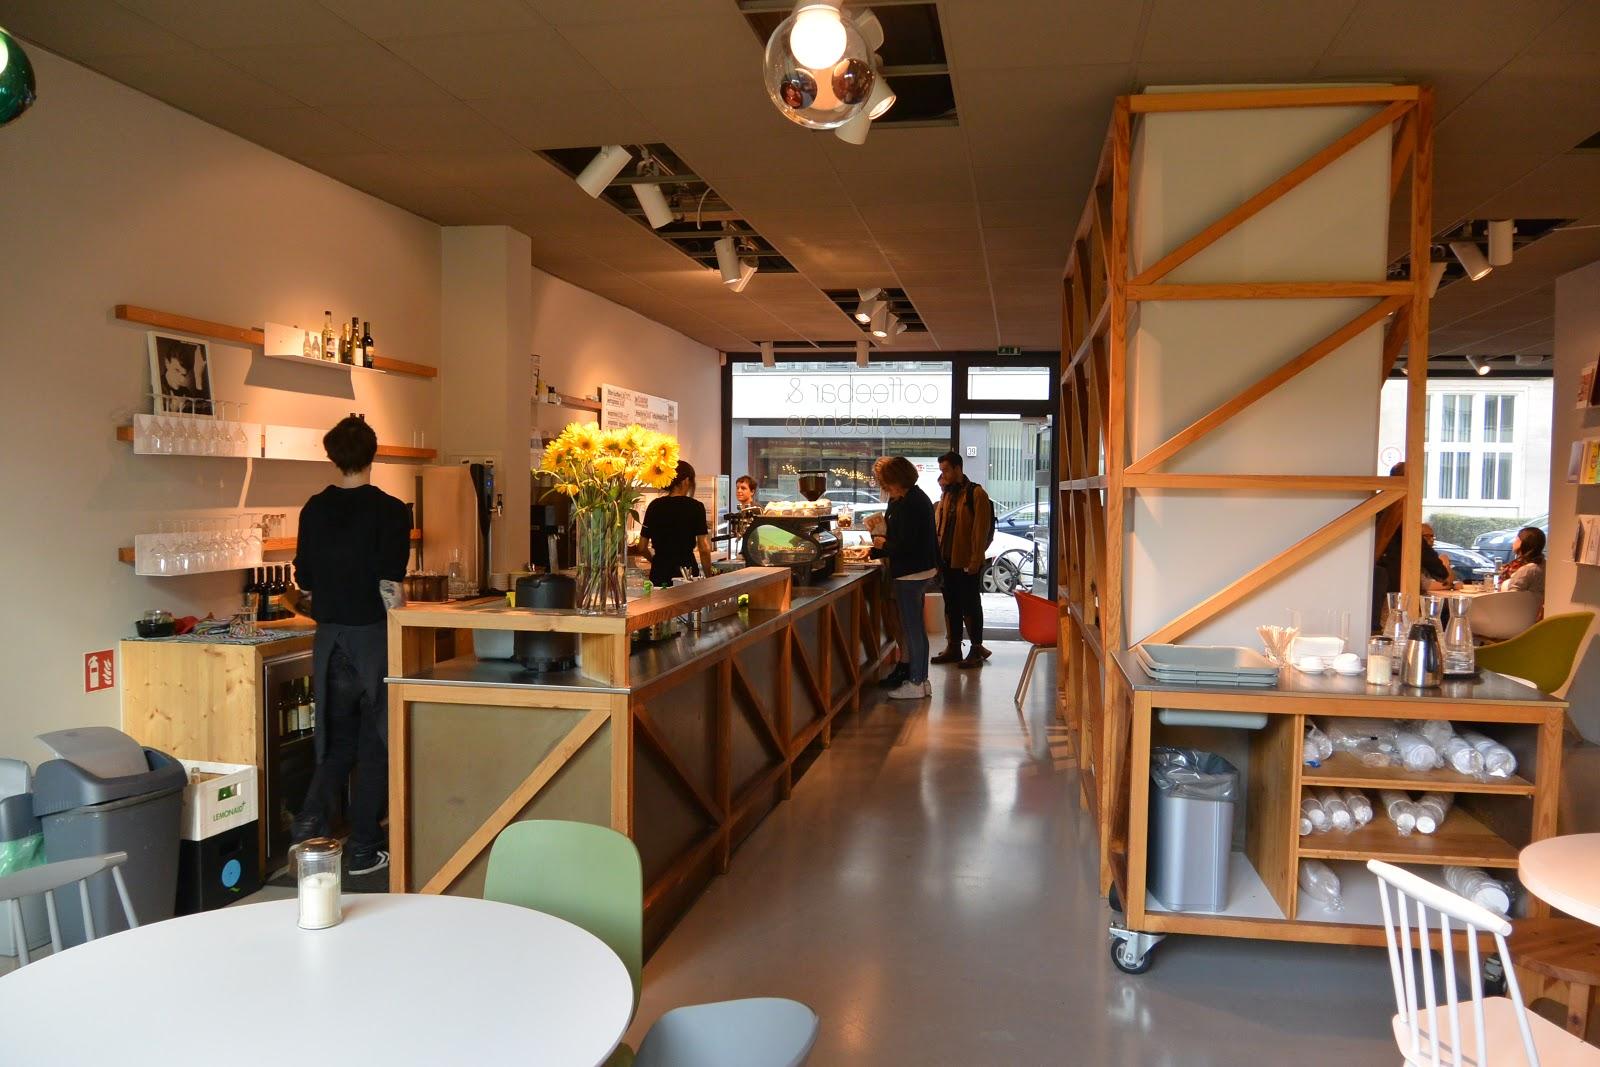 westberlin: A Work-Friendly Place in Berlin